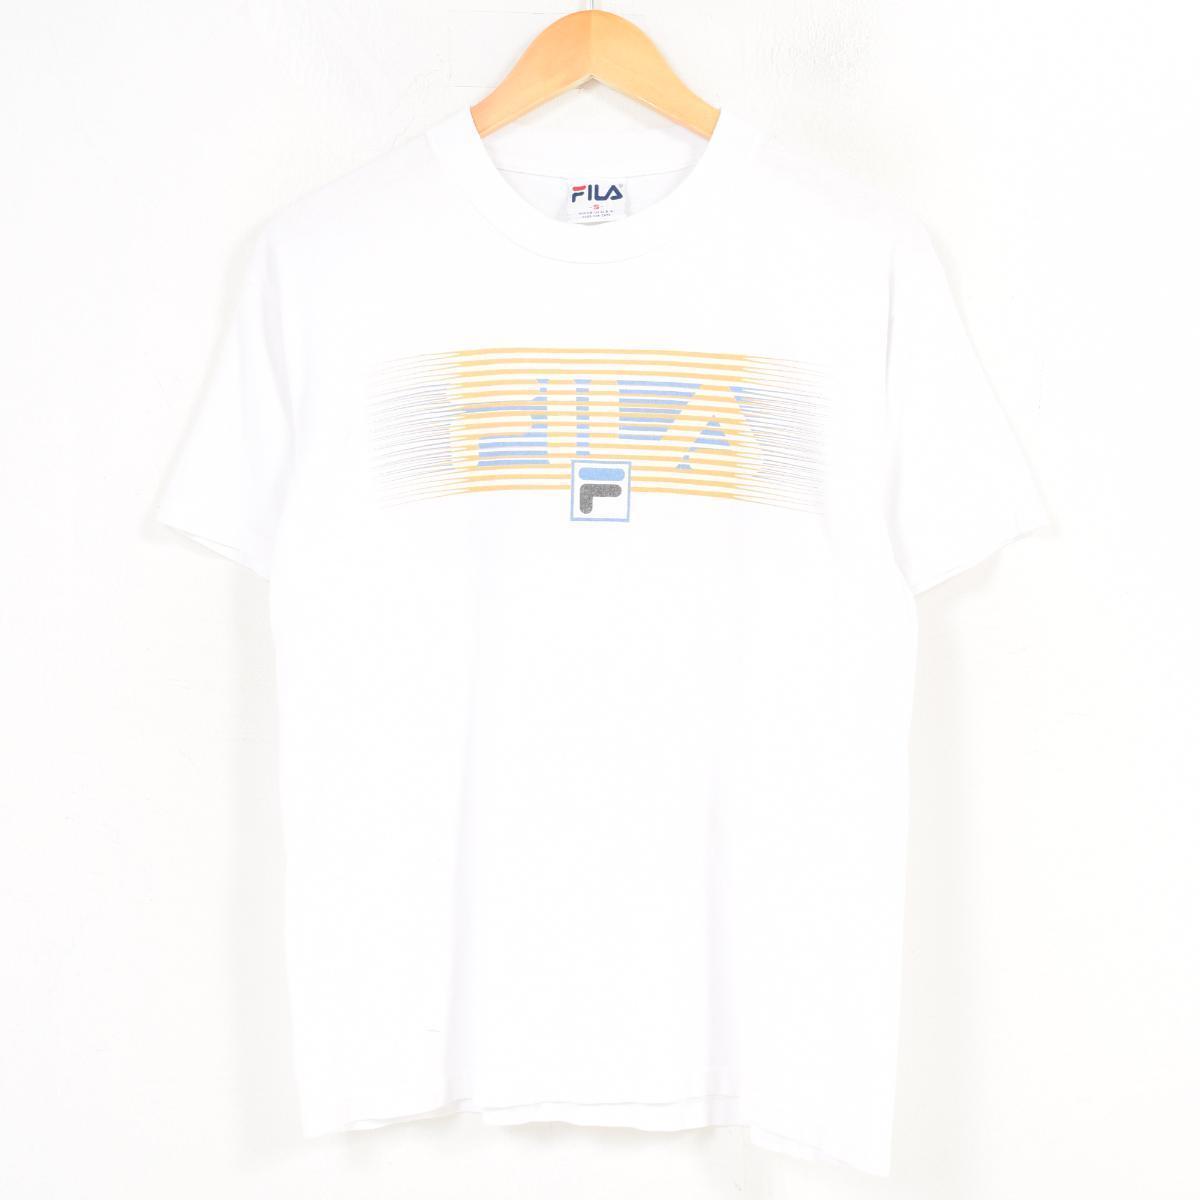 12244d25 Men S /wat8930 in the 90s made in Fila FILA decalogo big logo logo T-shirt  USA